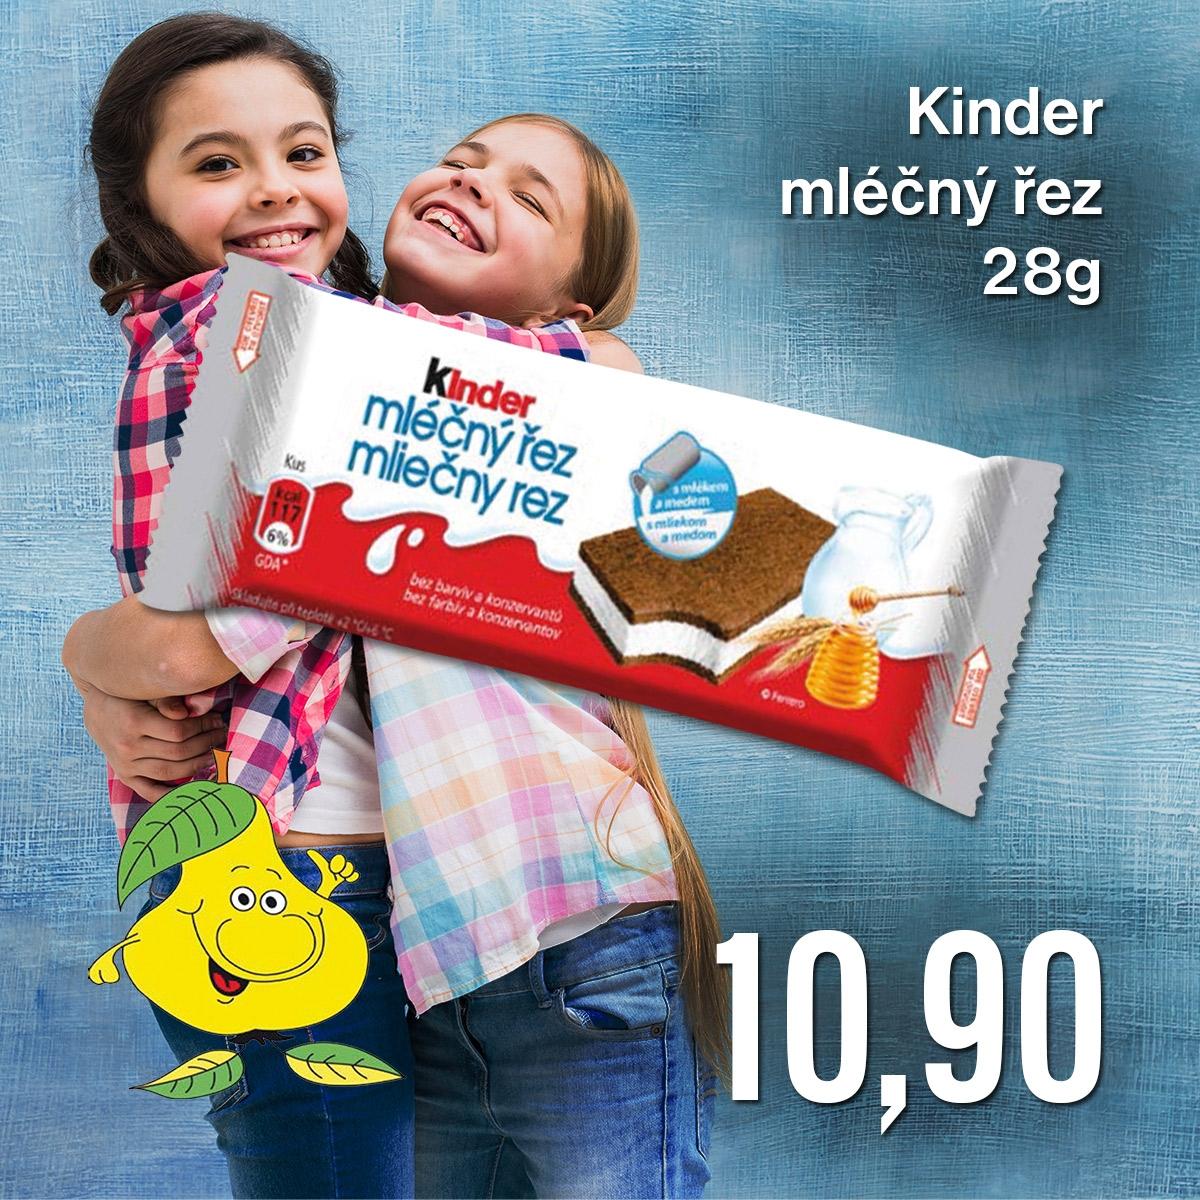 Kinder mléčný řez 28 g